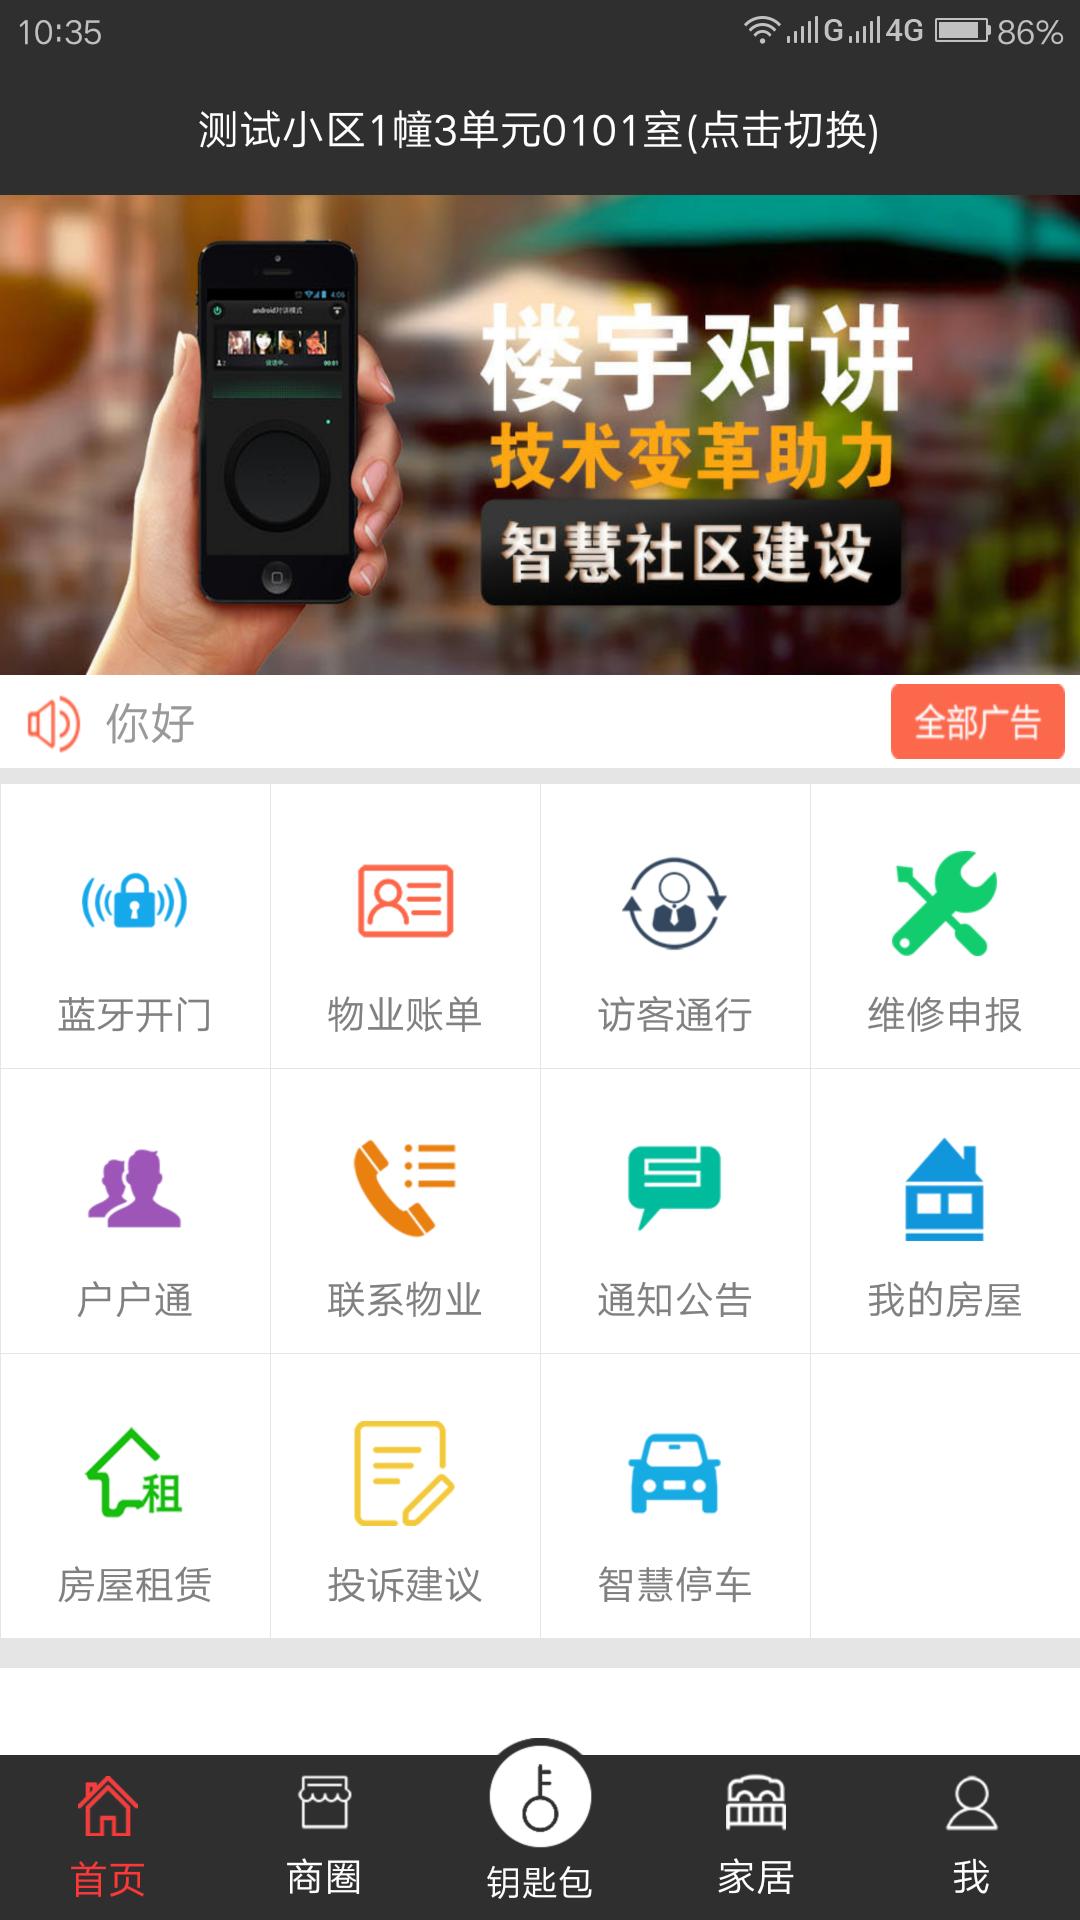 爱蜜社app官方 爱蜜社怎么下载地址